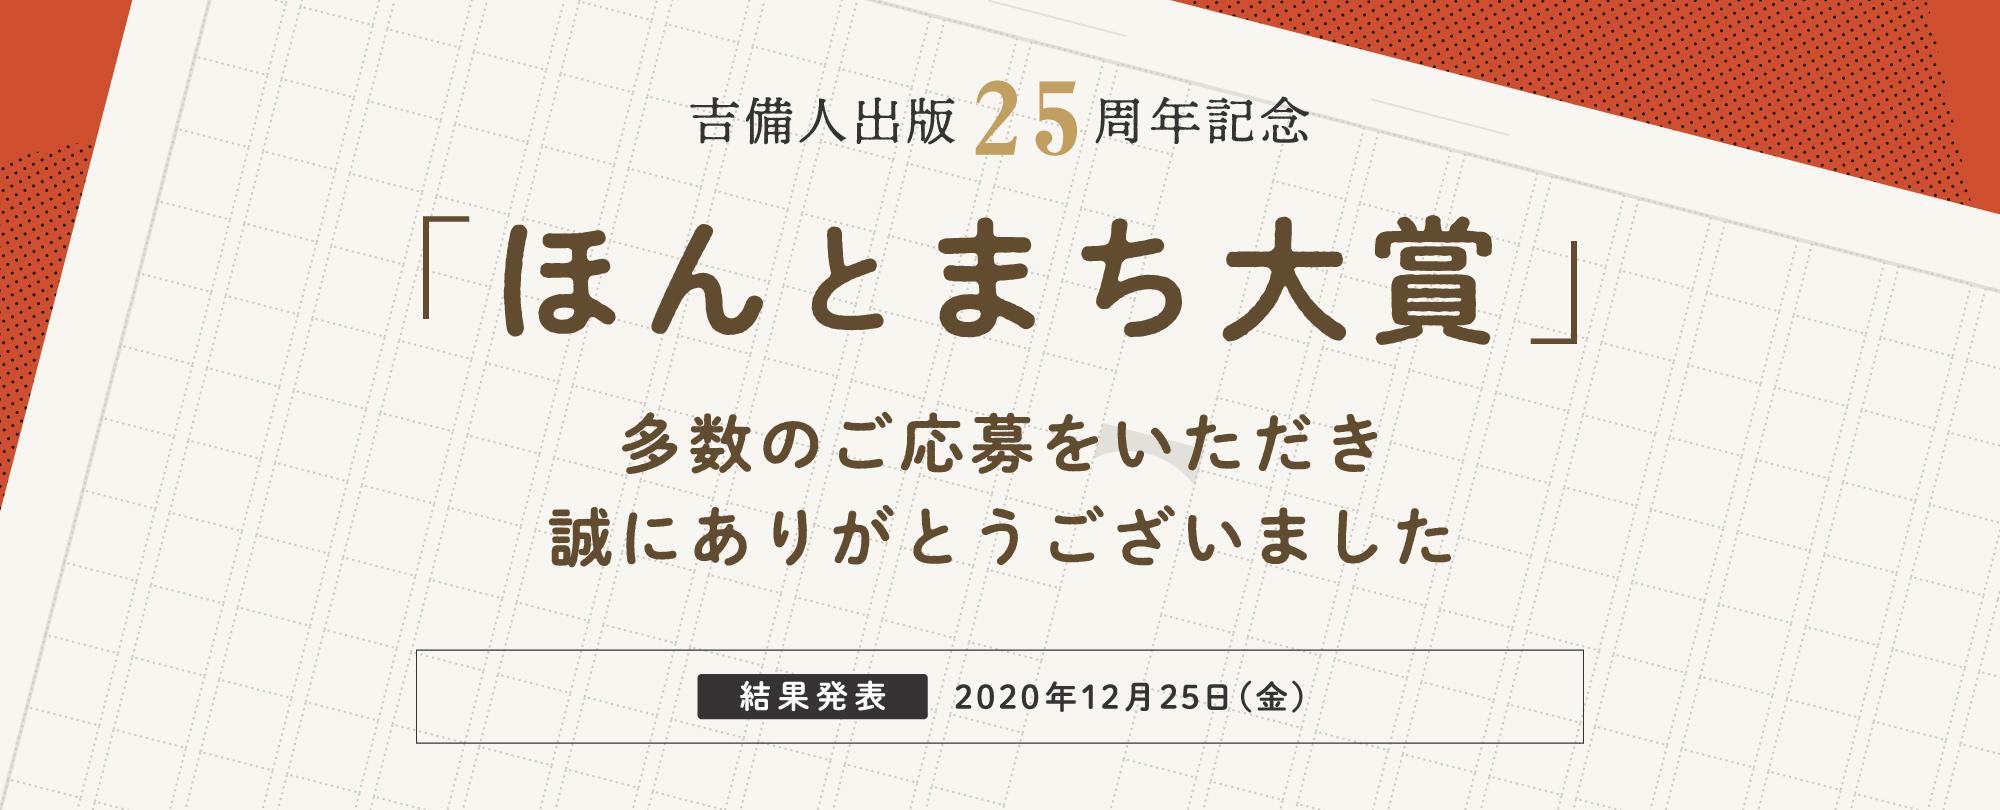 吉備人出版25周年記念「ほんとまち大賞」作品募集